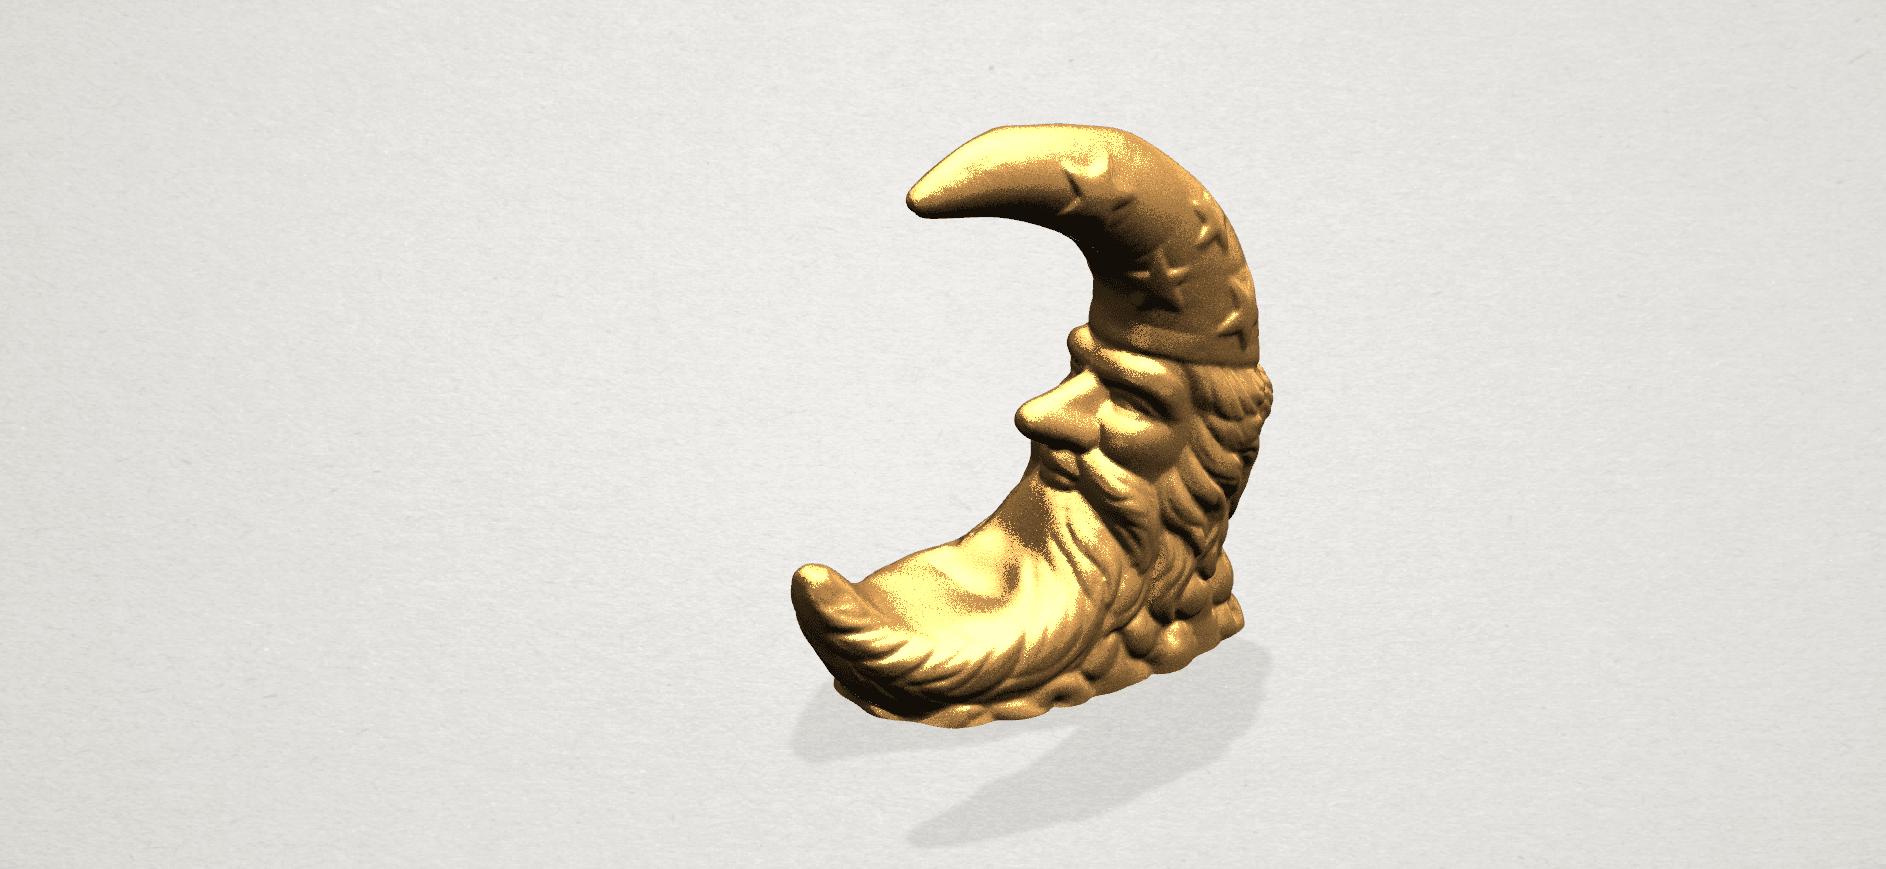 Moon - B03.png Télécharger fichier STL gratuit Lune • Design pour impression 3D, GeorgesNikkei